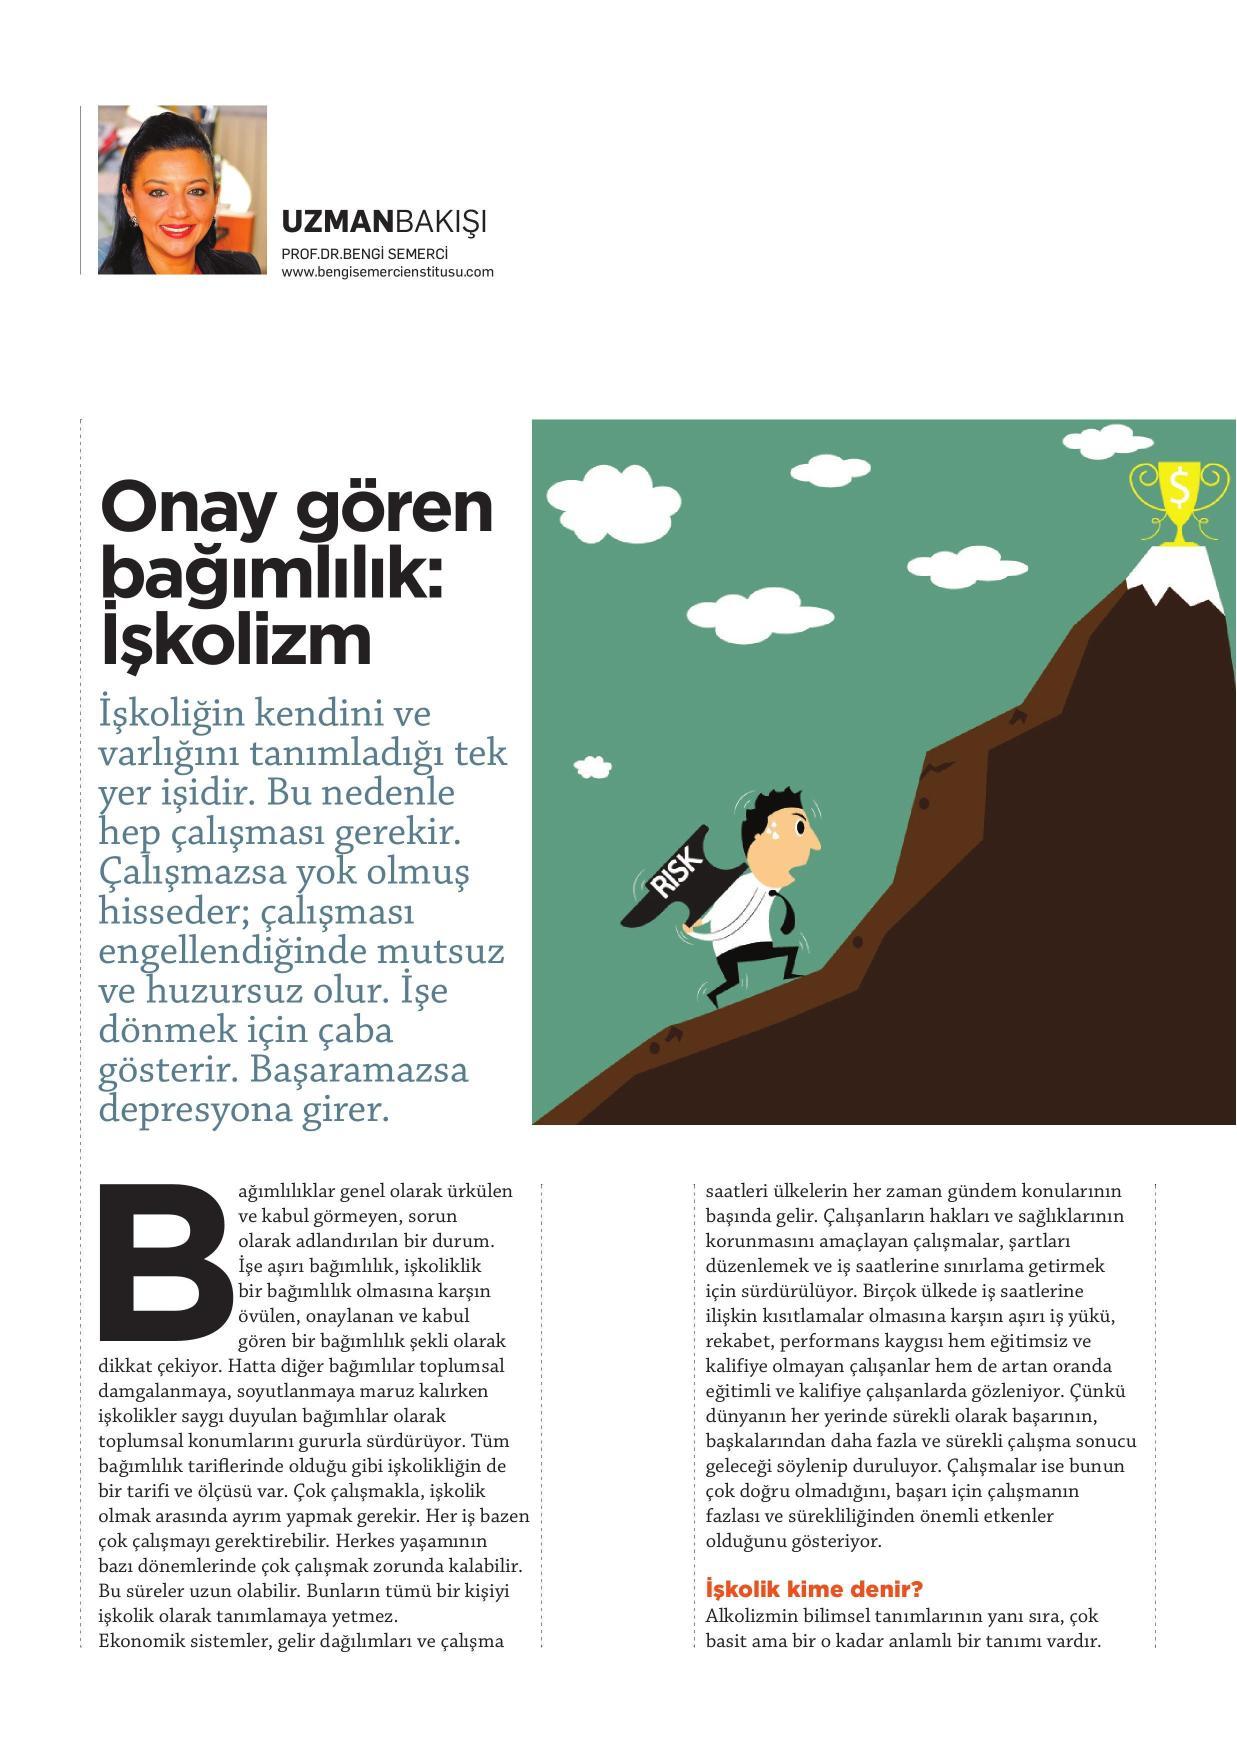 Onay gören bağımlılık: İşkolizm - KARİYER 01.06.2015